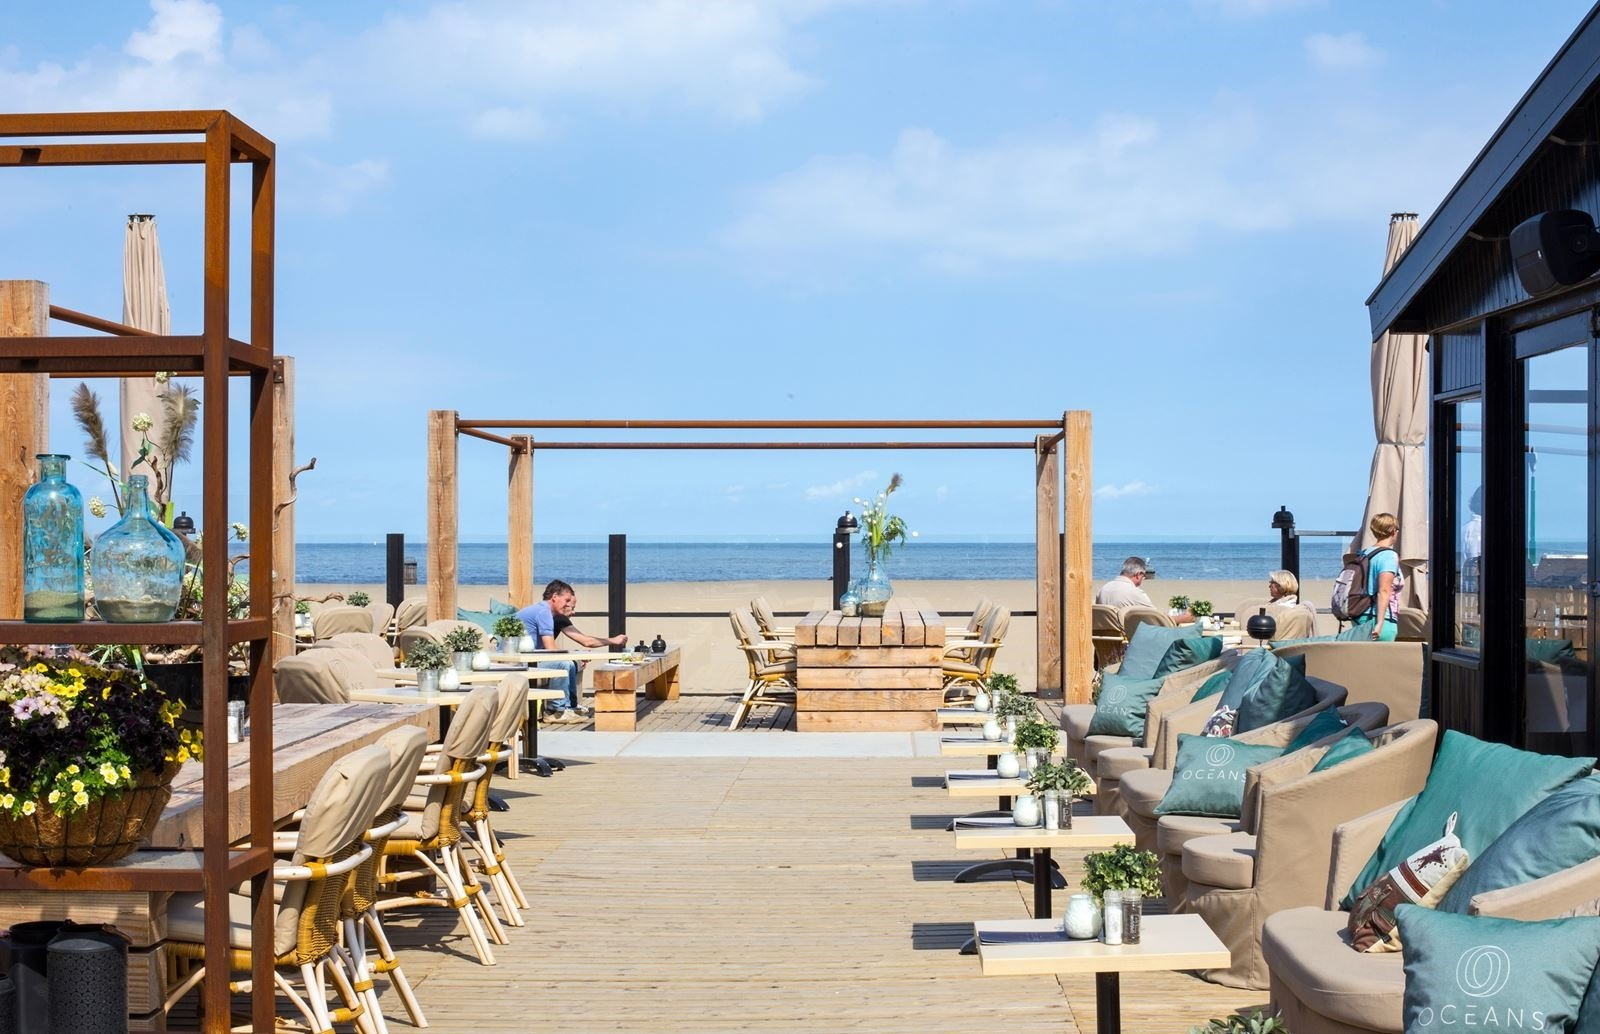 Le bon mix plage et culture : un week-end à La Haye - 14